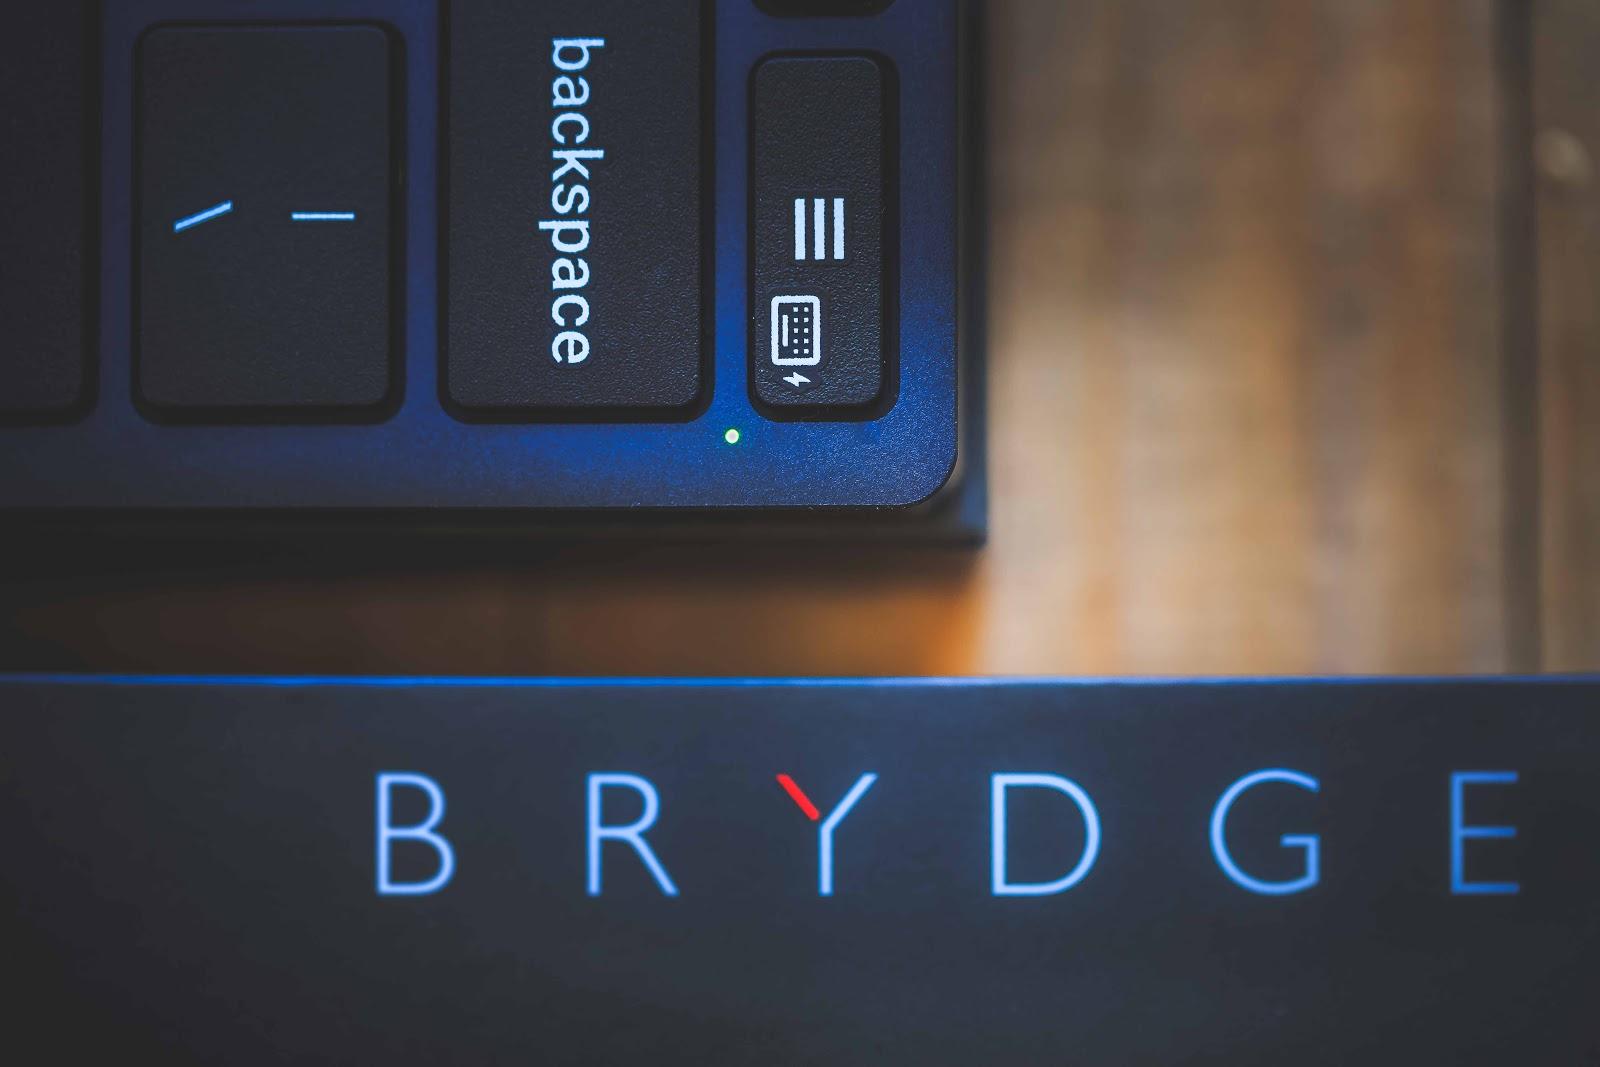 Led de mise en route du clavier Brydge